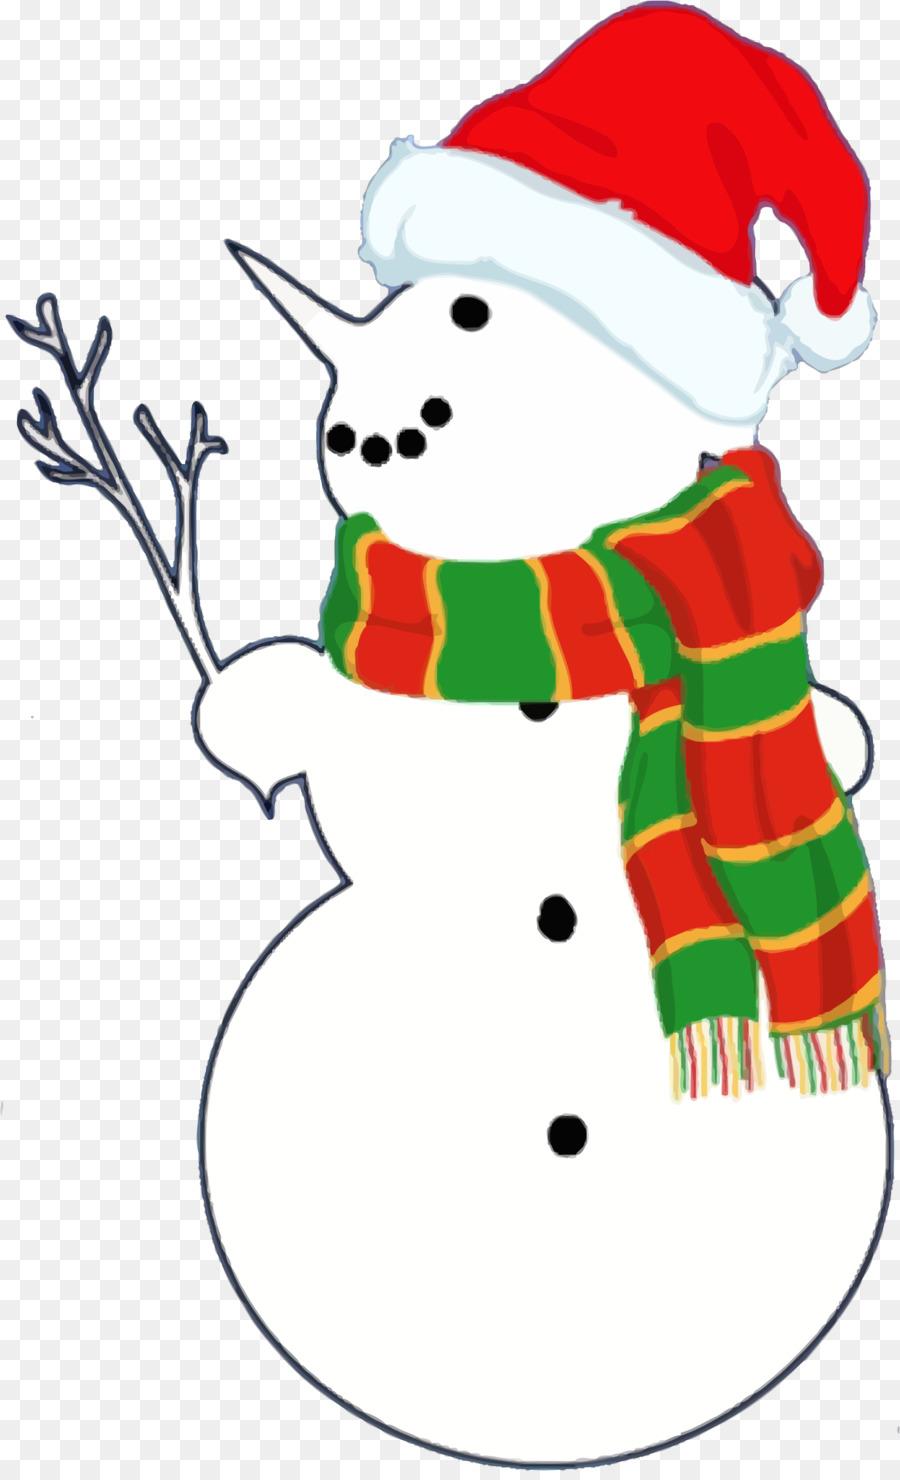 Santa Claus, Weihnachtsbaum, Schneemann Clip art - Weihnachtsmann ...